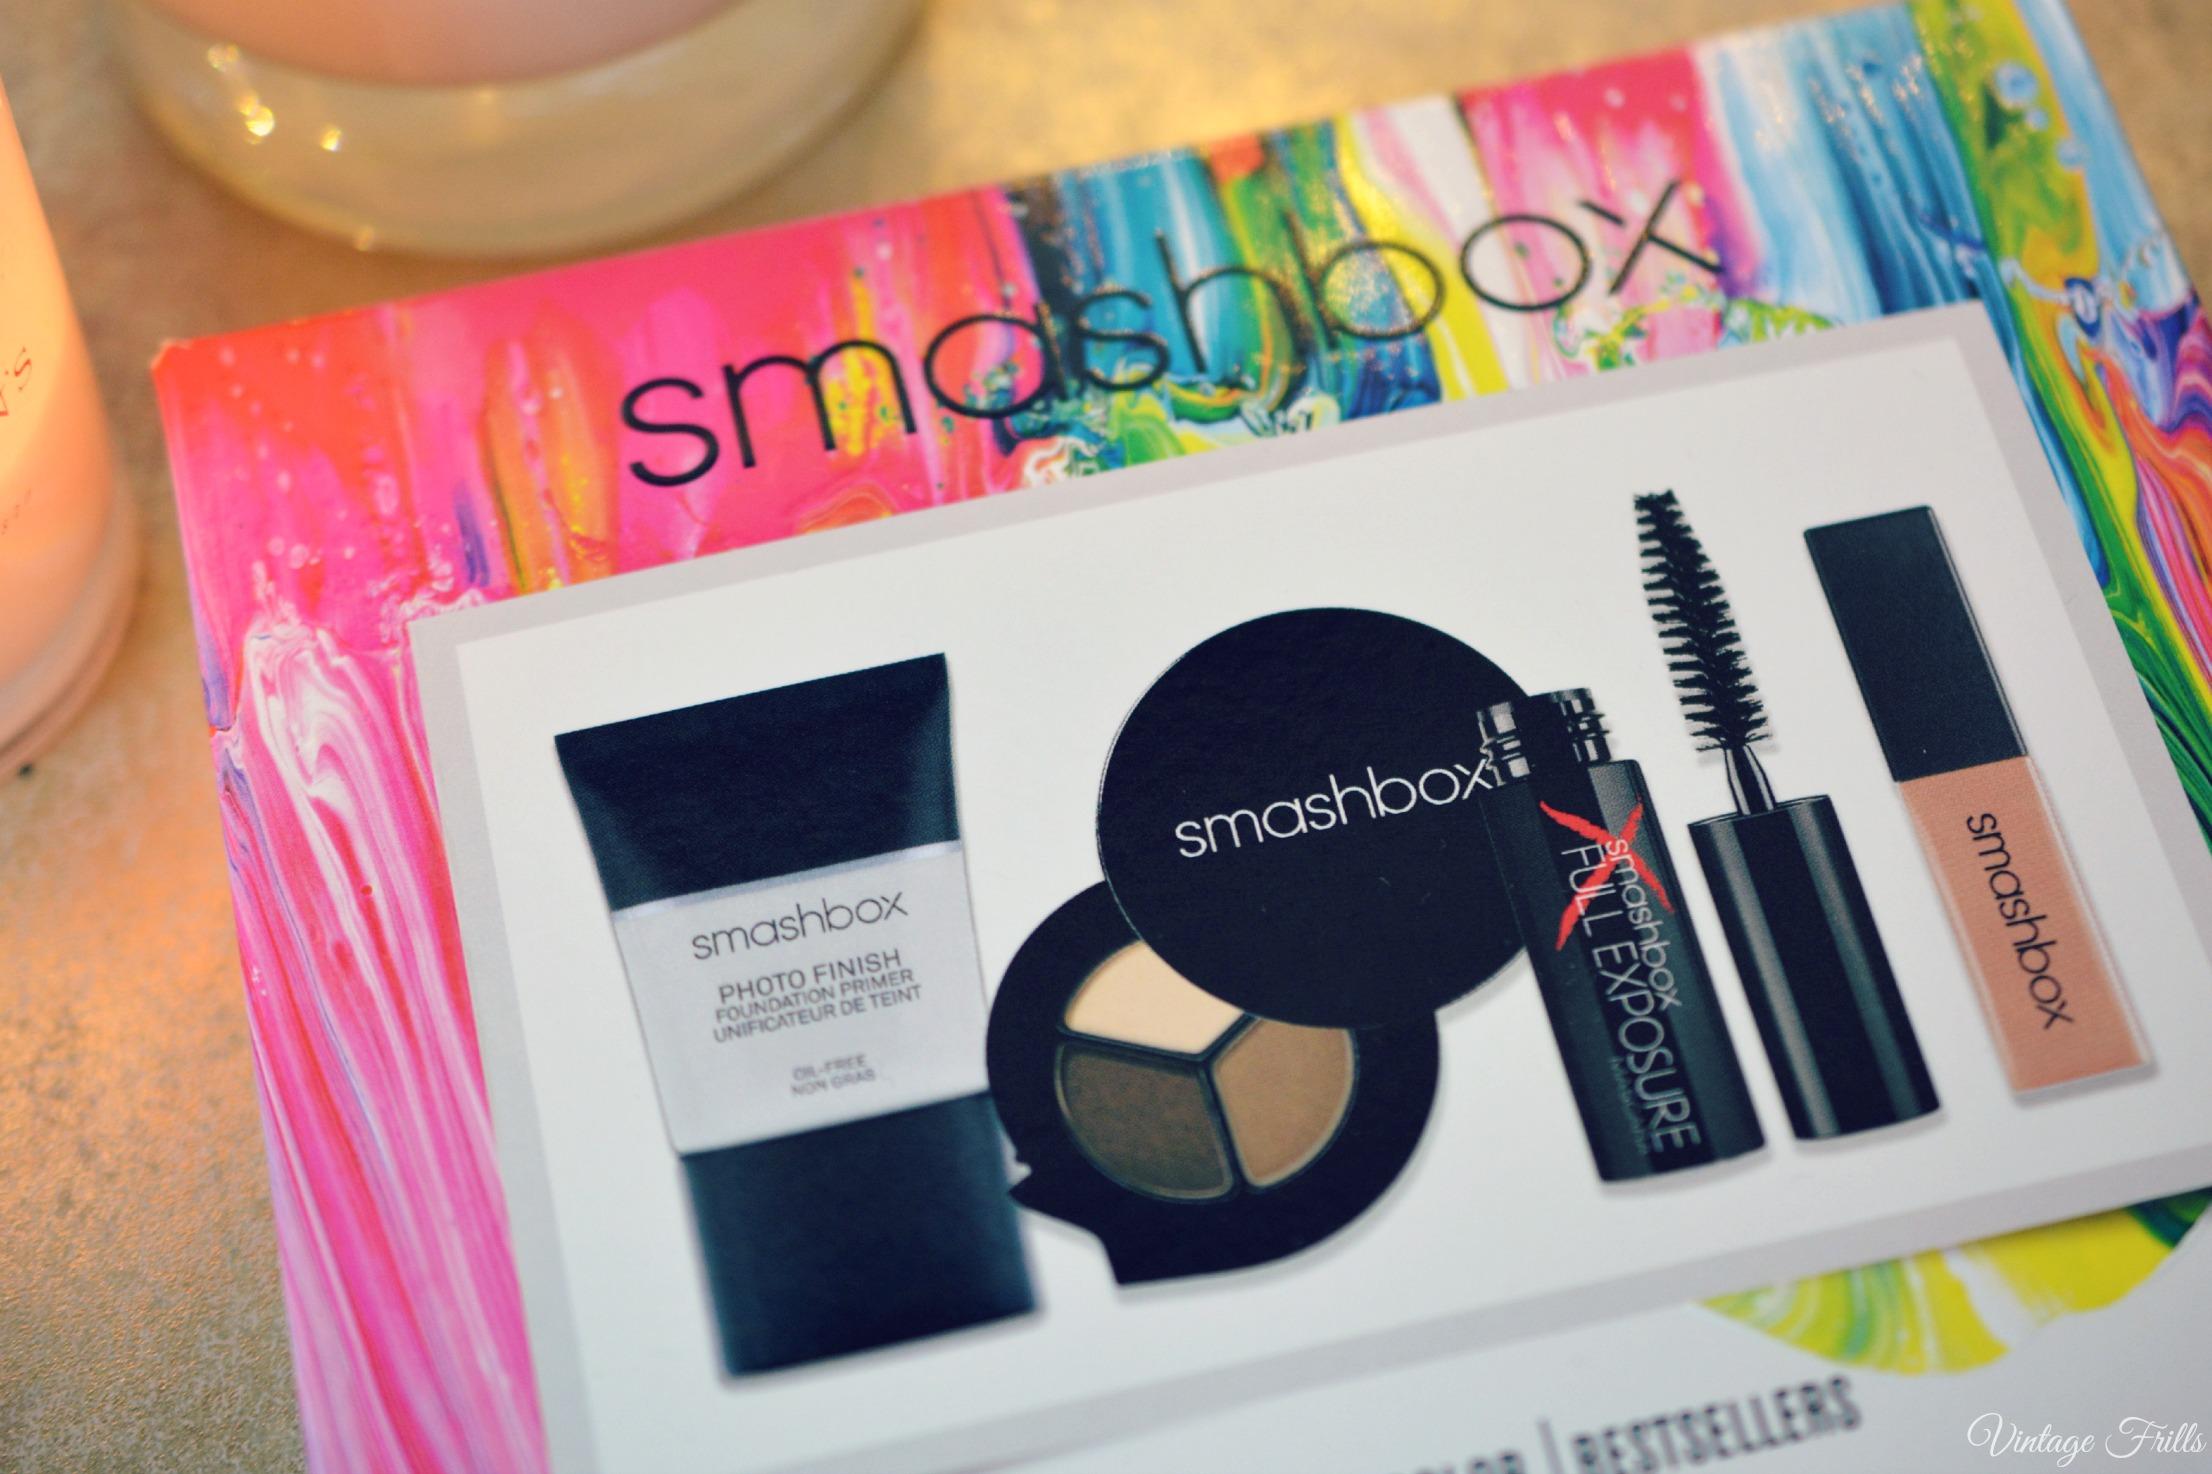 Smashbox Christmas Gift Set